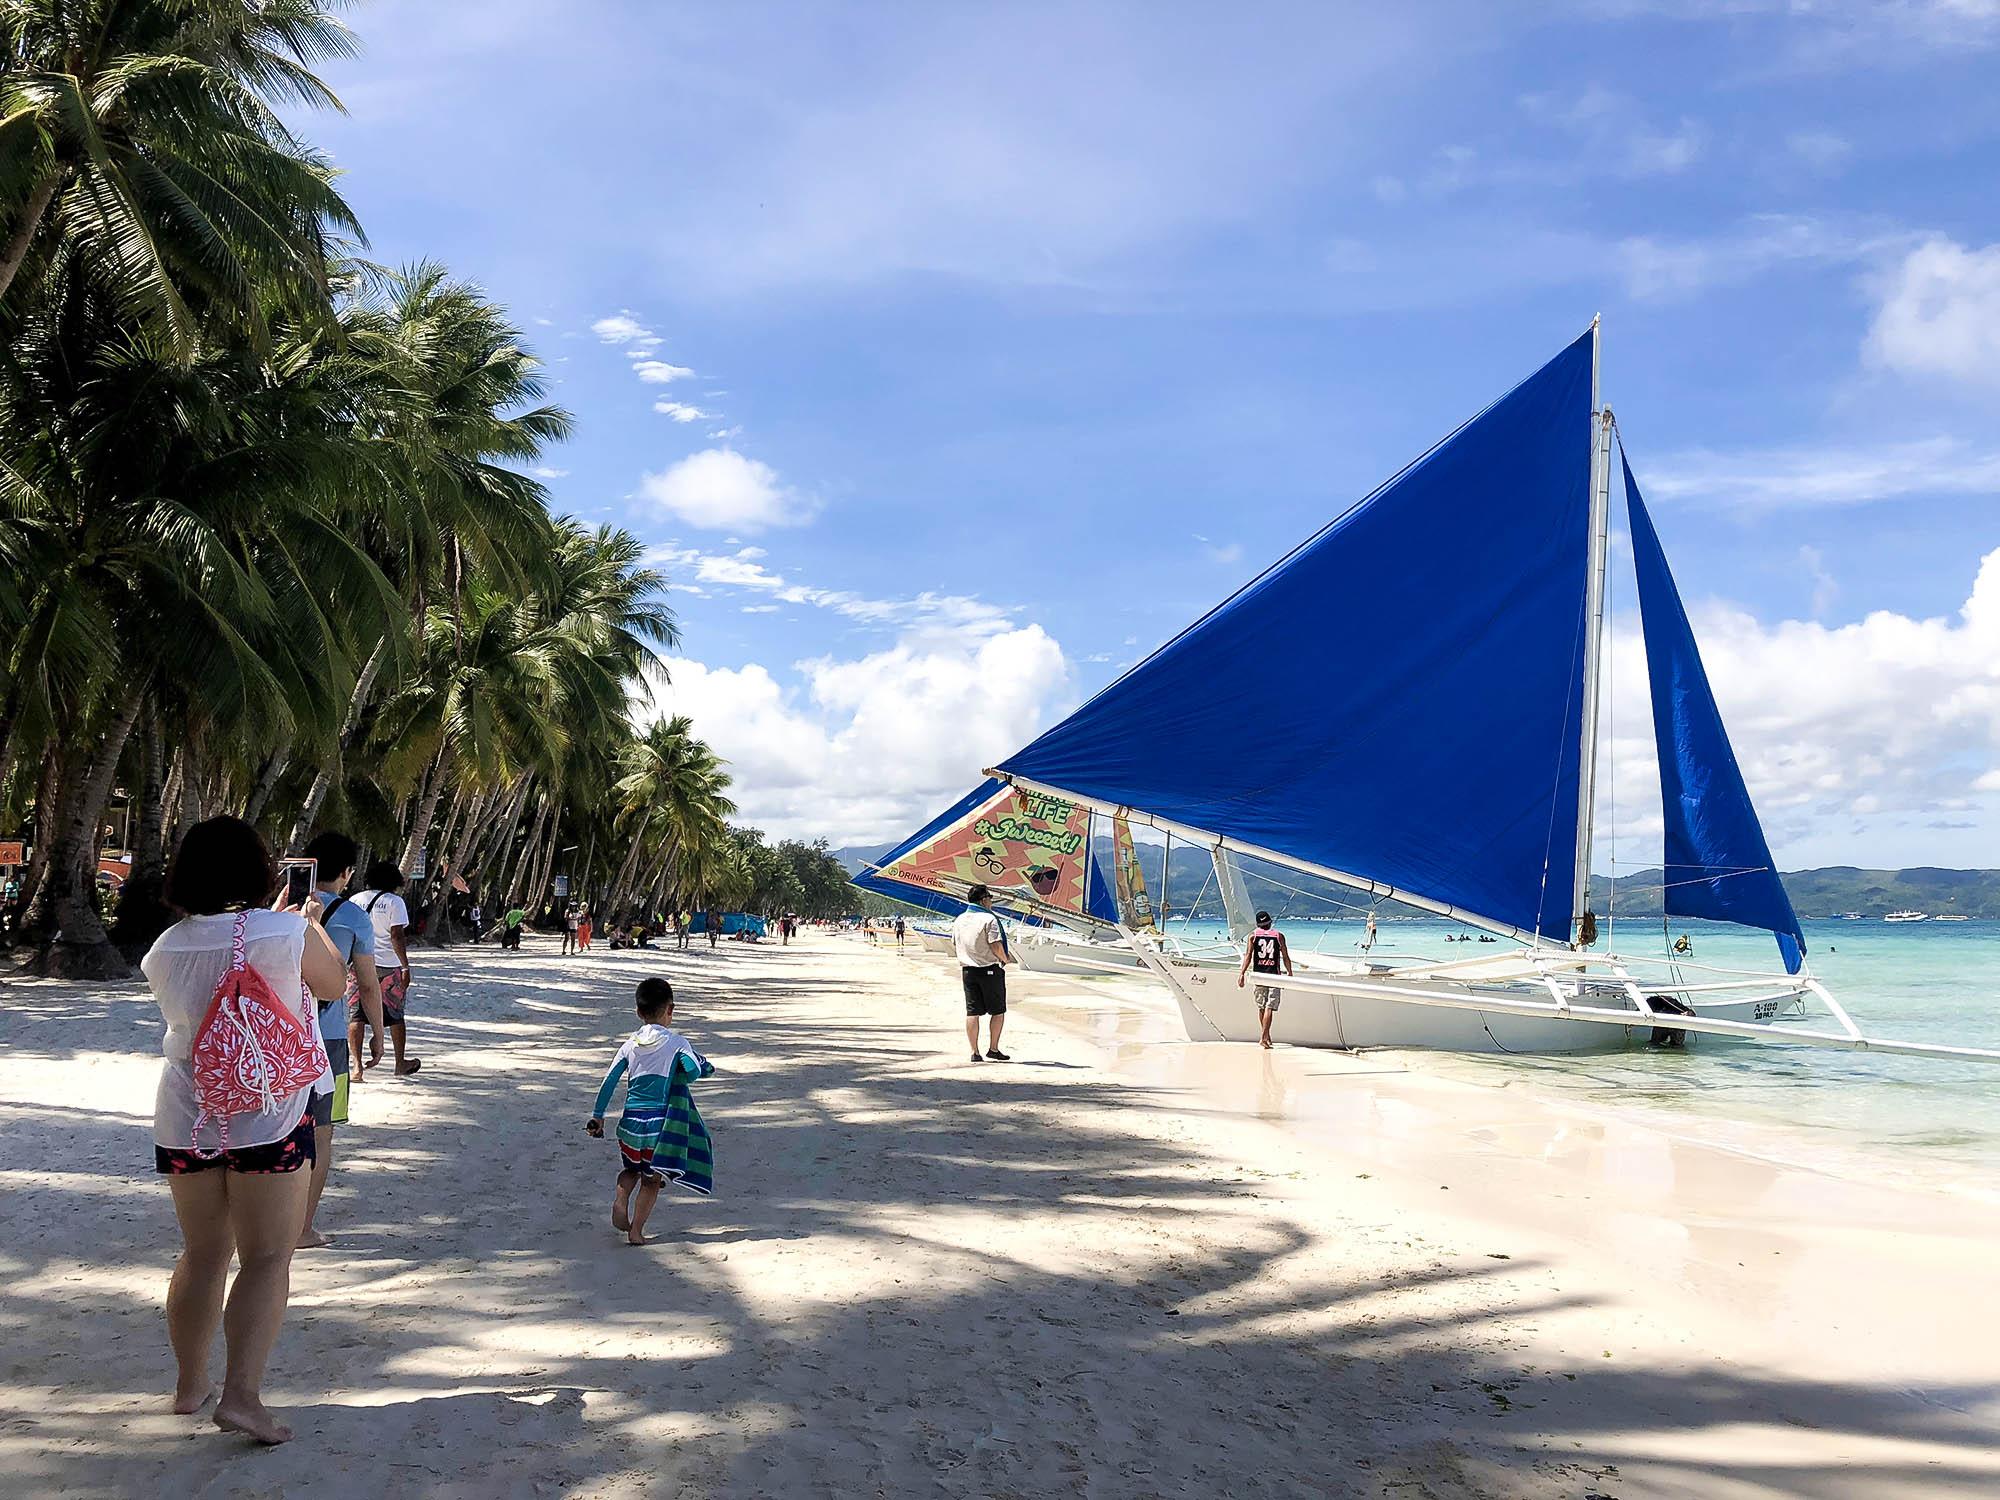 風帆船海灘